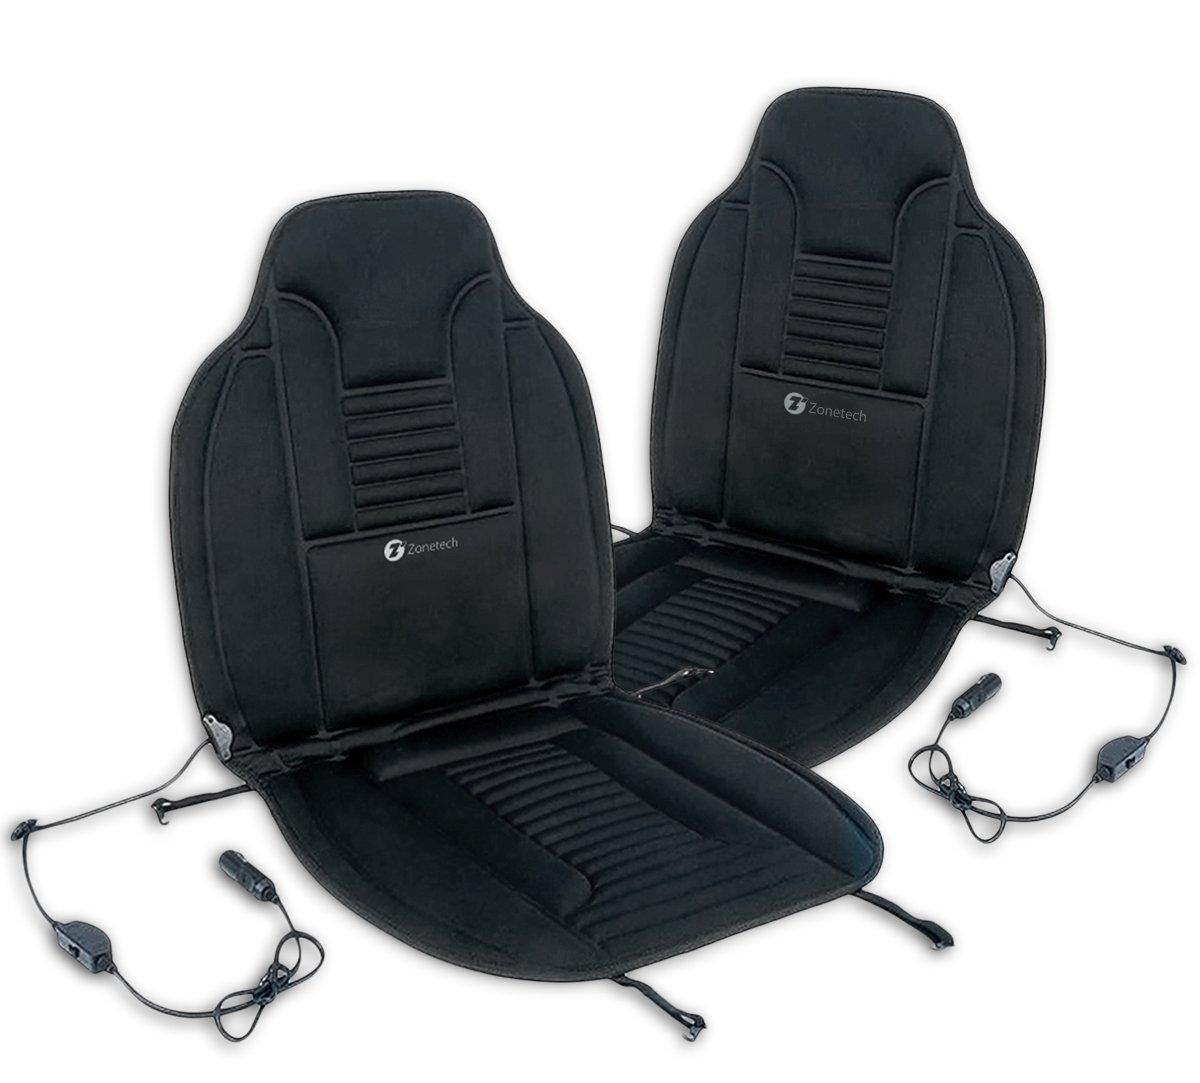 Zone Tech 2x Heated Car Van Seat Chair Cushion 12V Heating